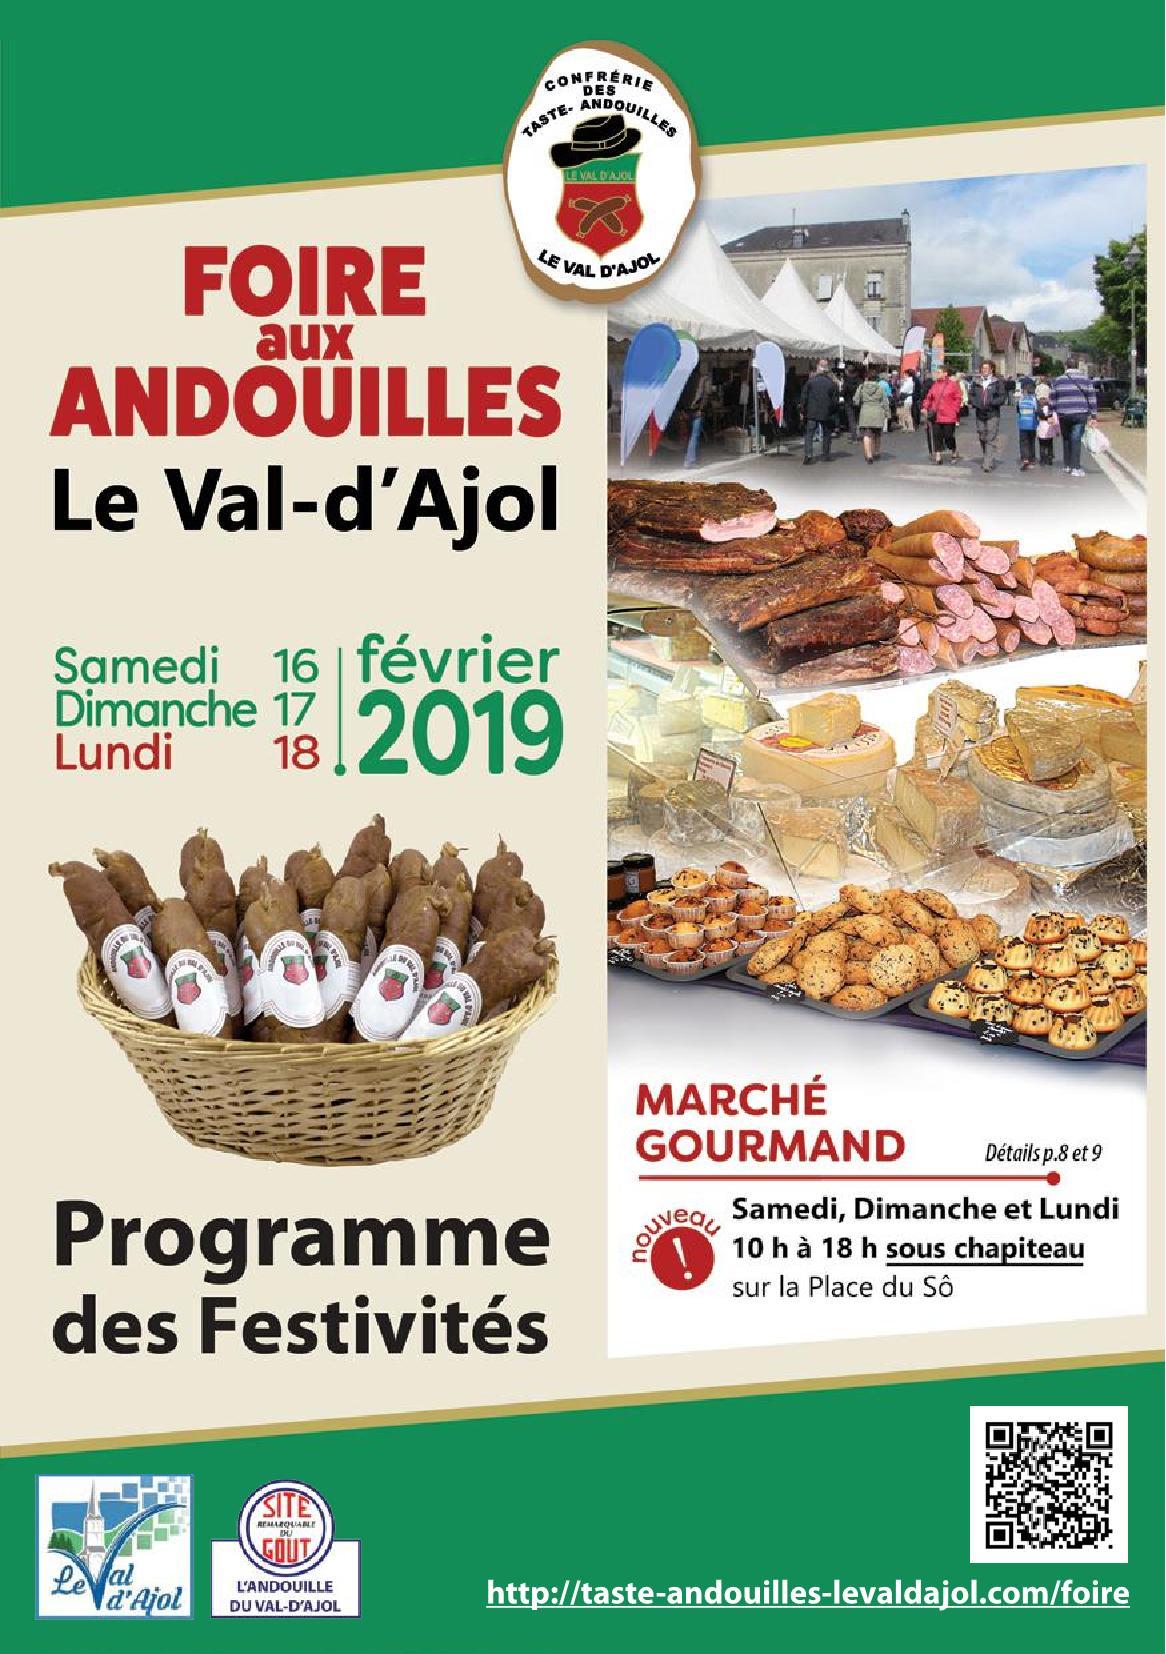 Programme 2019 Foire aux Andouilles